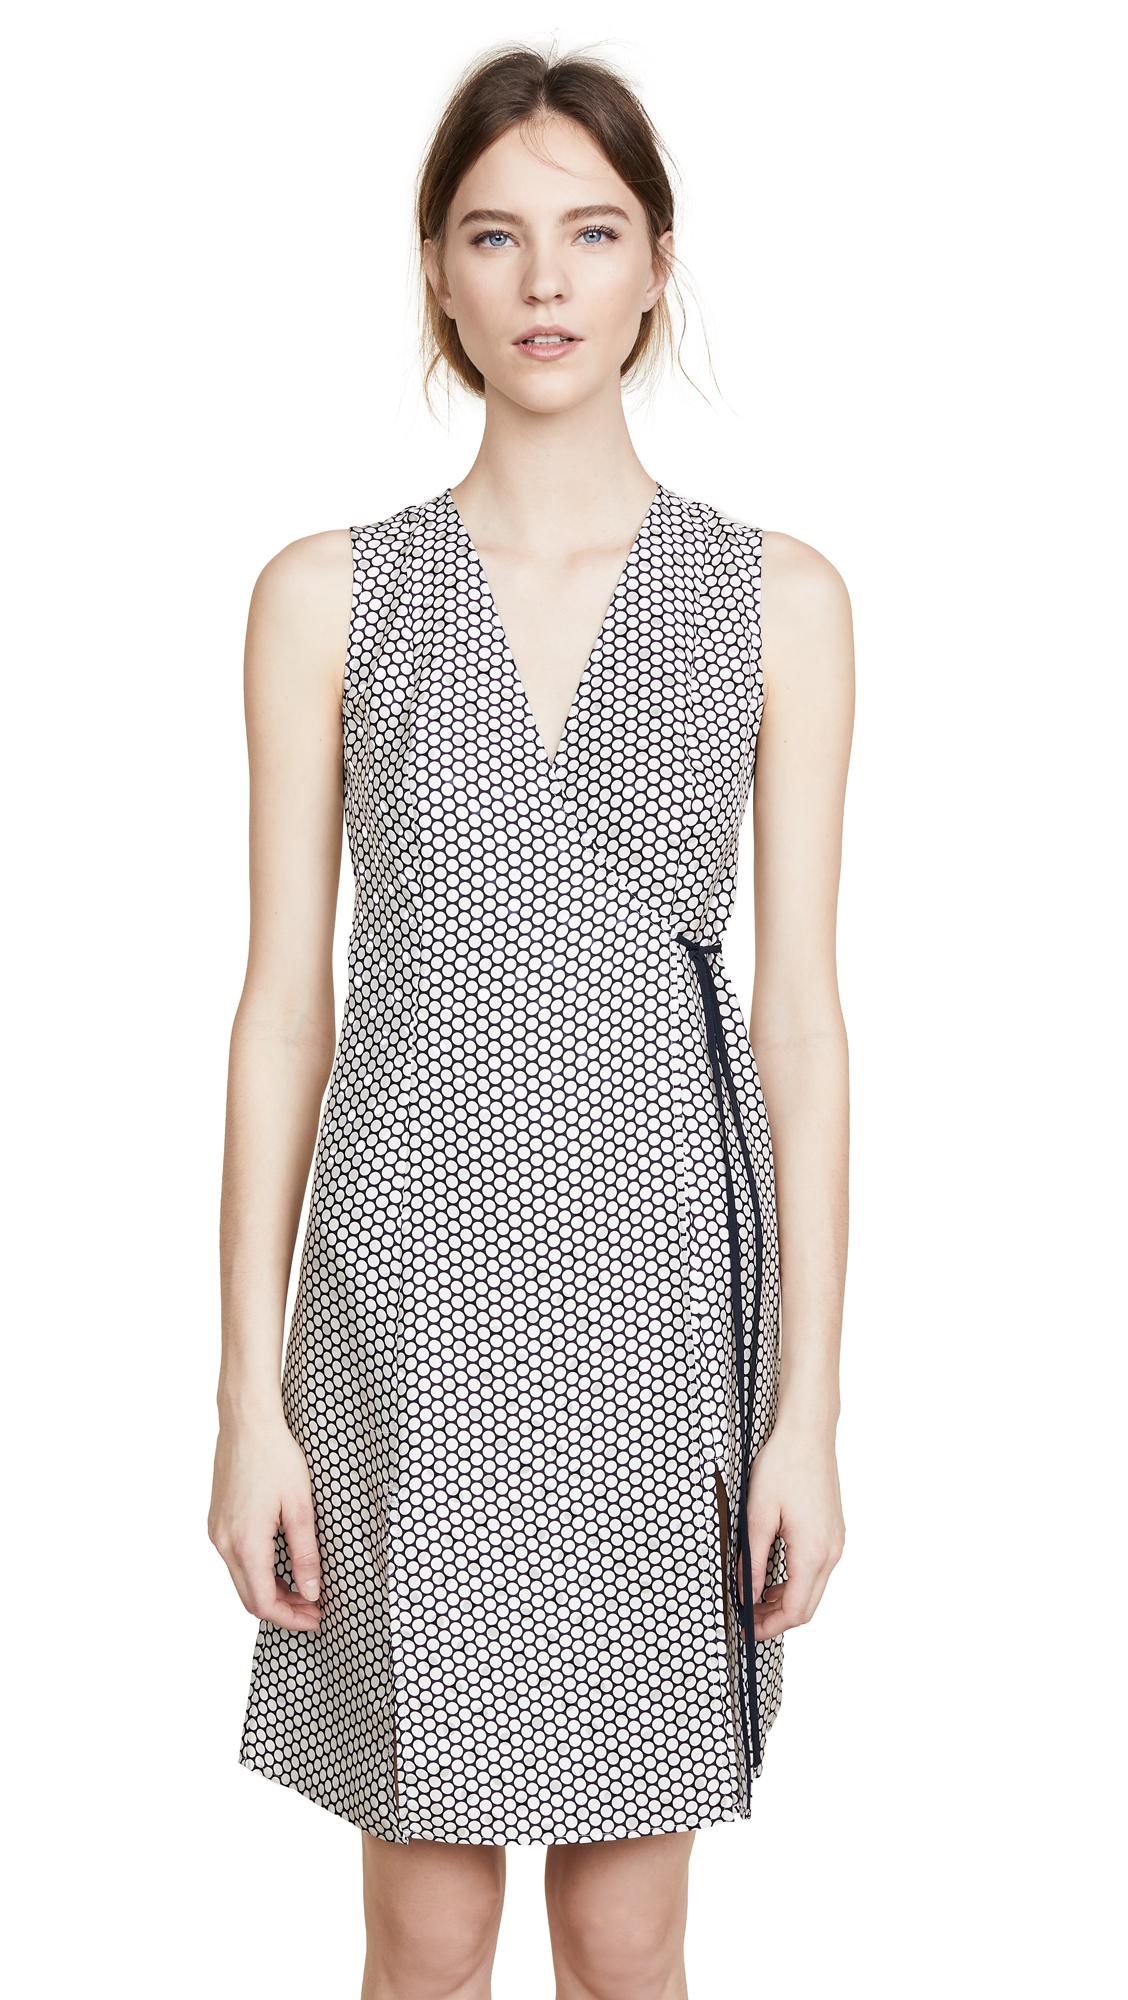 Diane von Furstenberg Side Tie Flare Dress In Rowe Dot Ivory/Alexander Navy